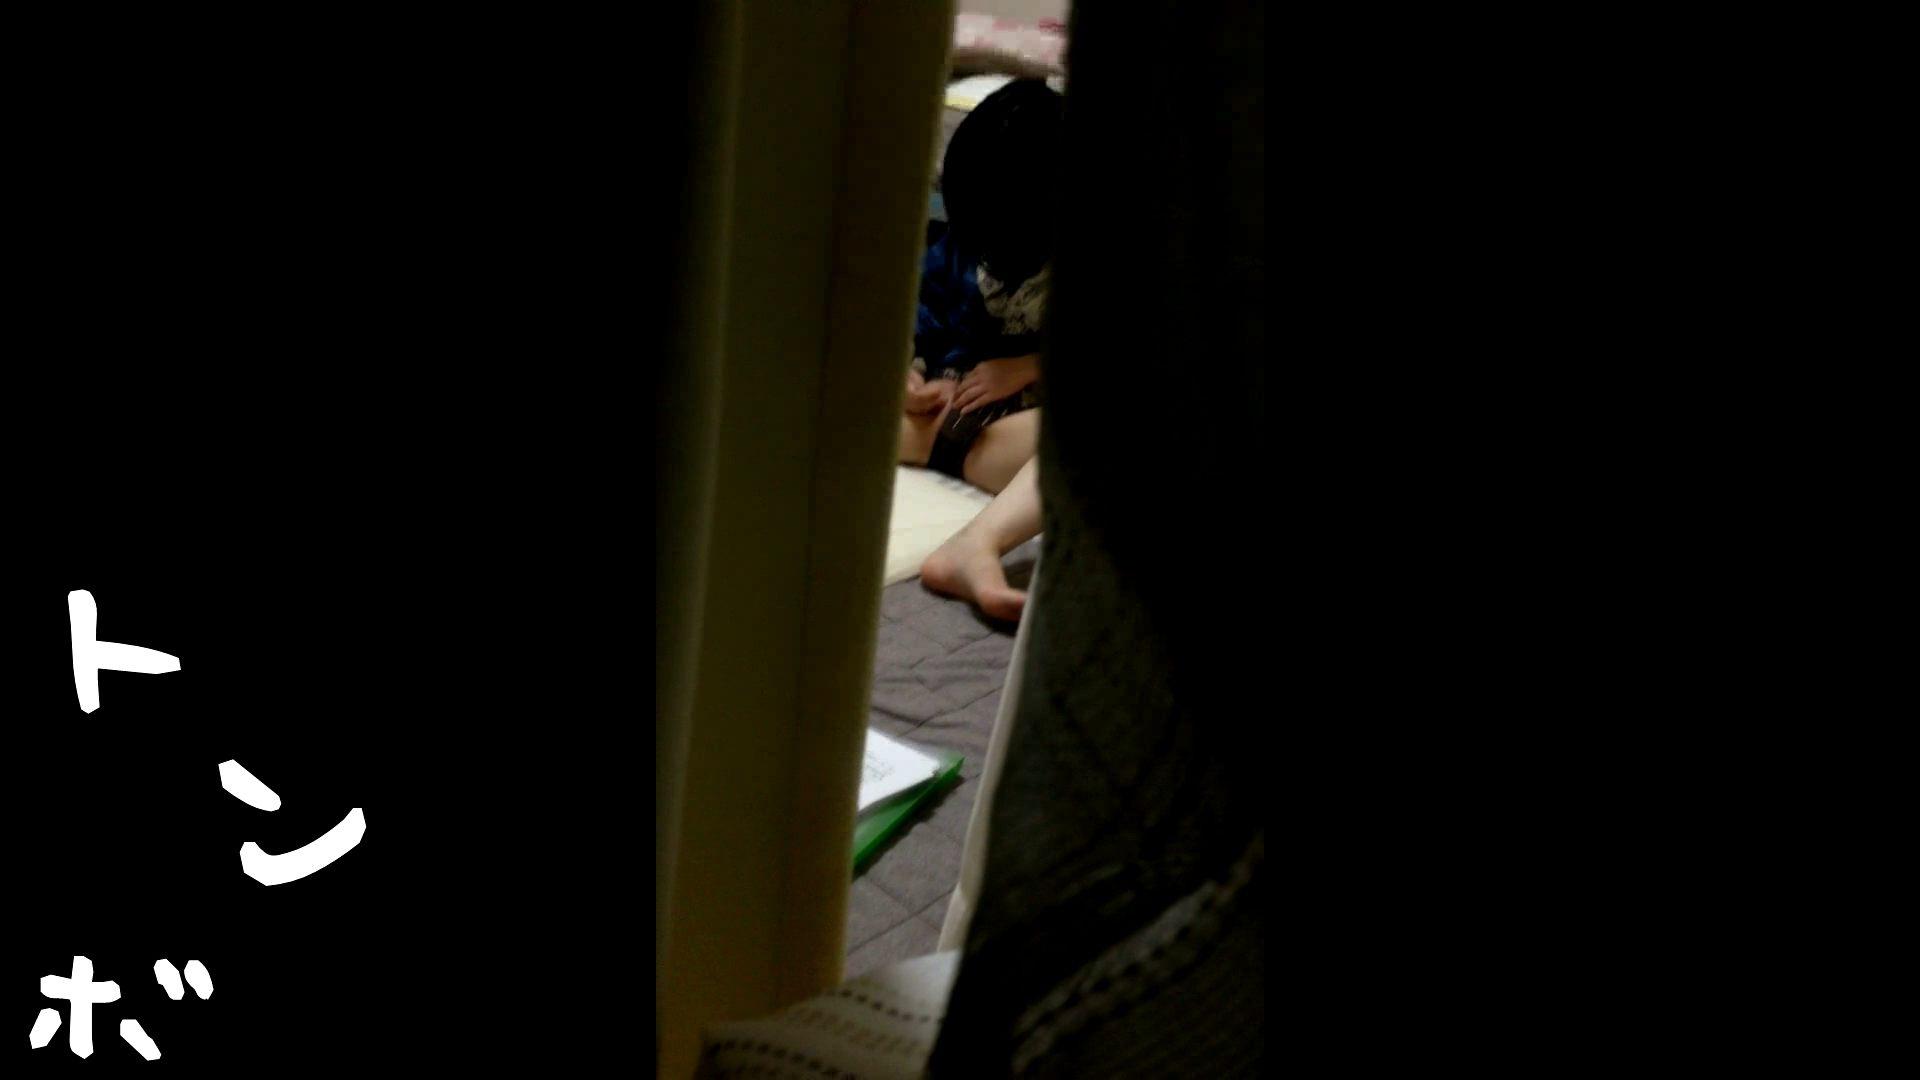 リアル盗撮 作家志望J子 アソコのお手入れ最中に感じてパンツを湿らす パンツ大放出 隠し撮りオマンコ動画紹介 105pic 79